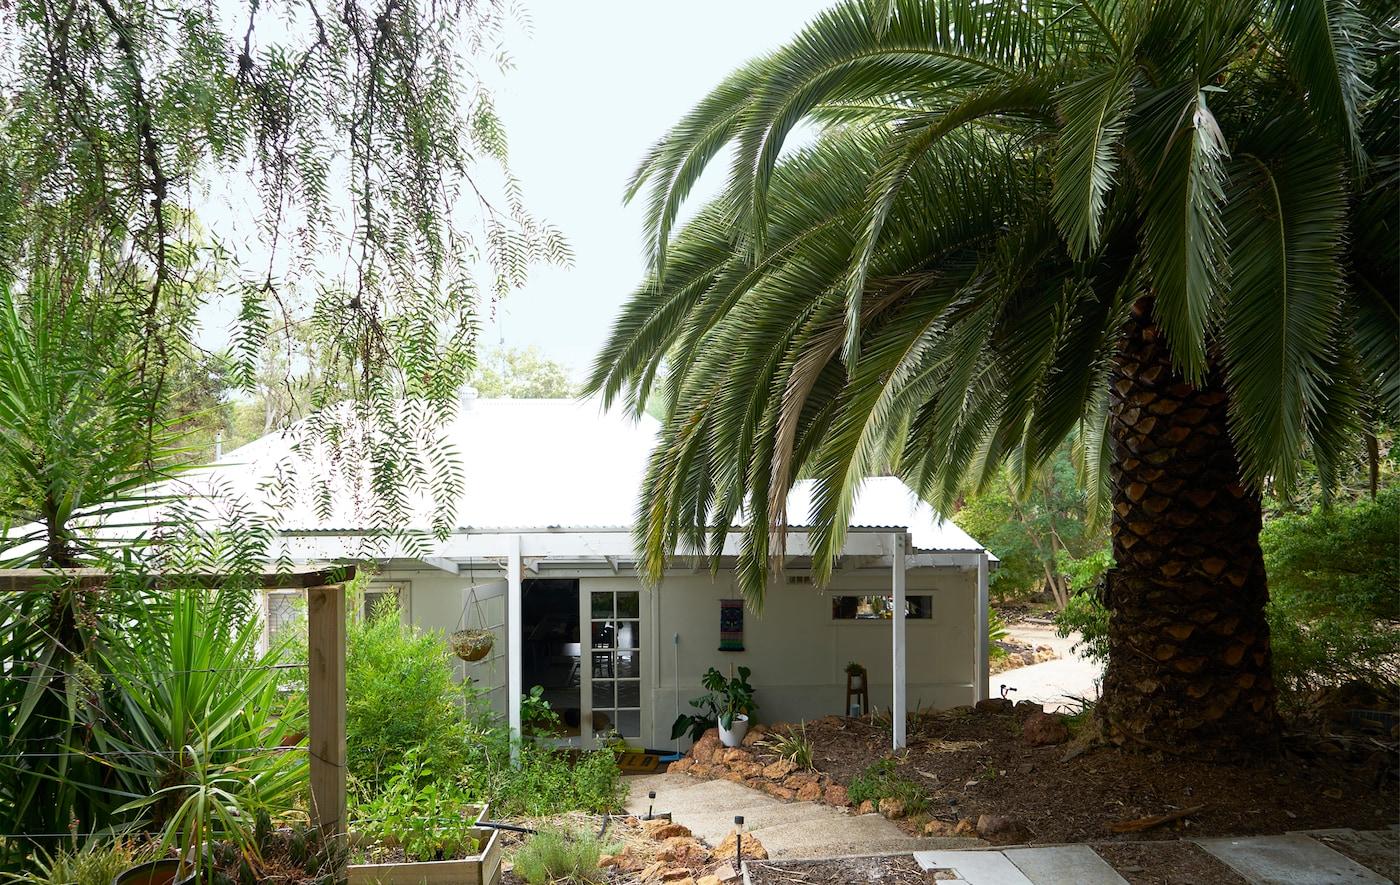 منزل أبيض من طابق واحد بين الغابات، مع نخلة عملاقة.